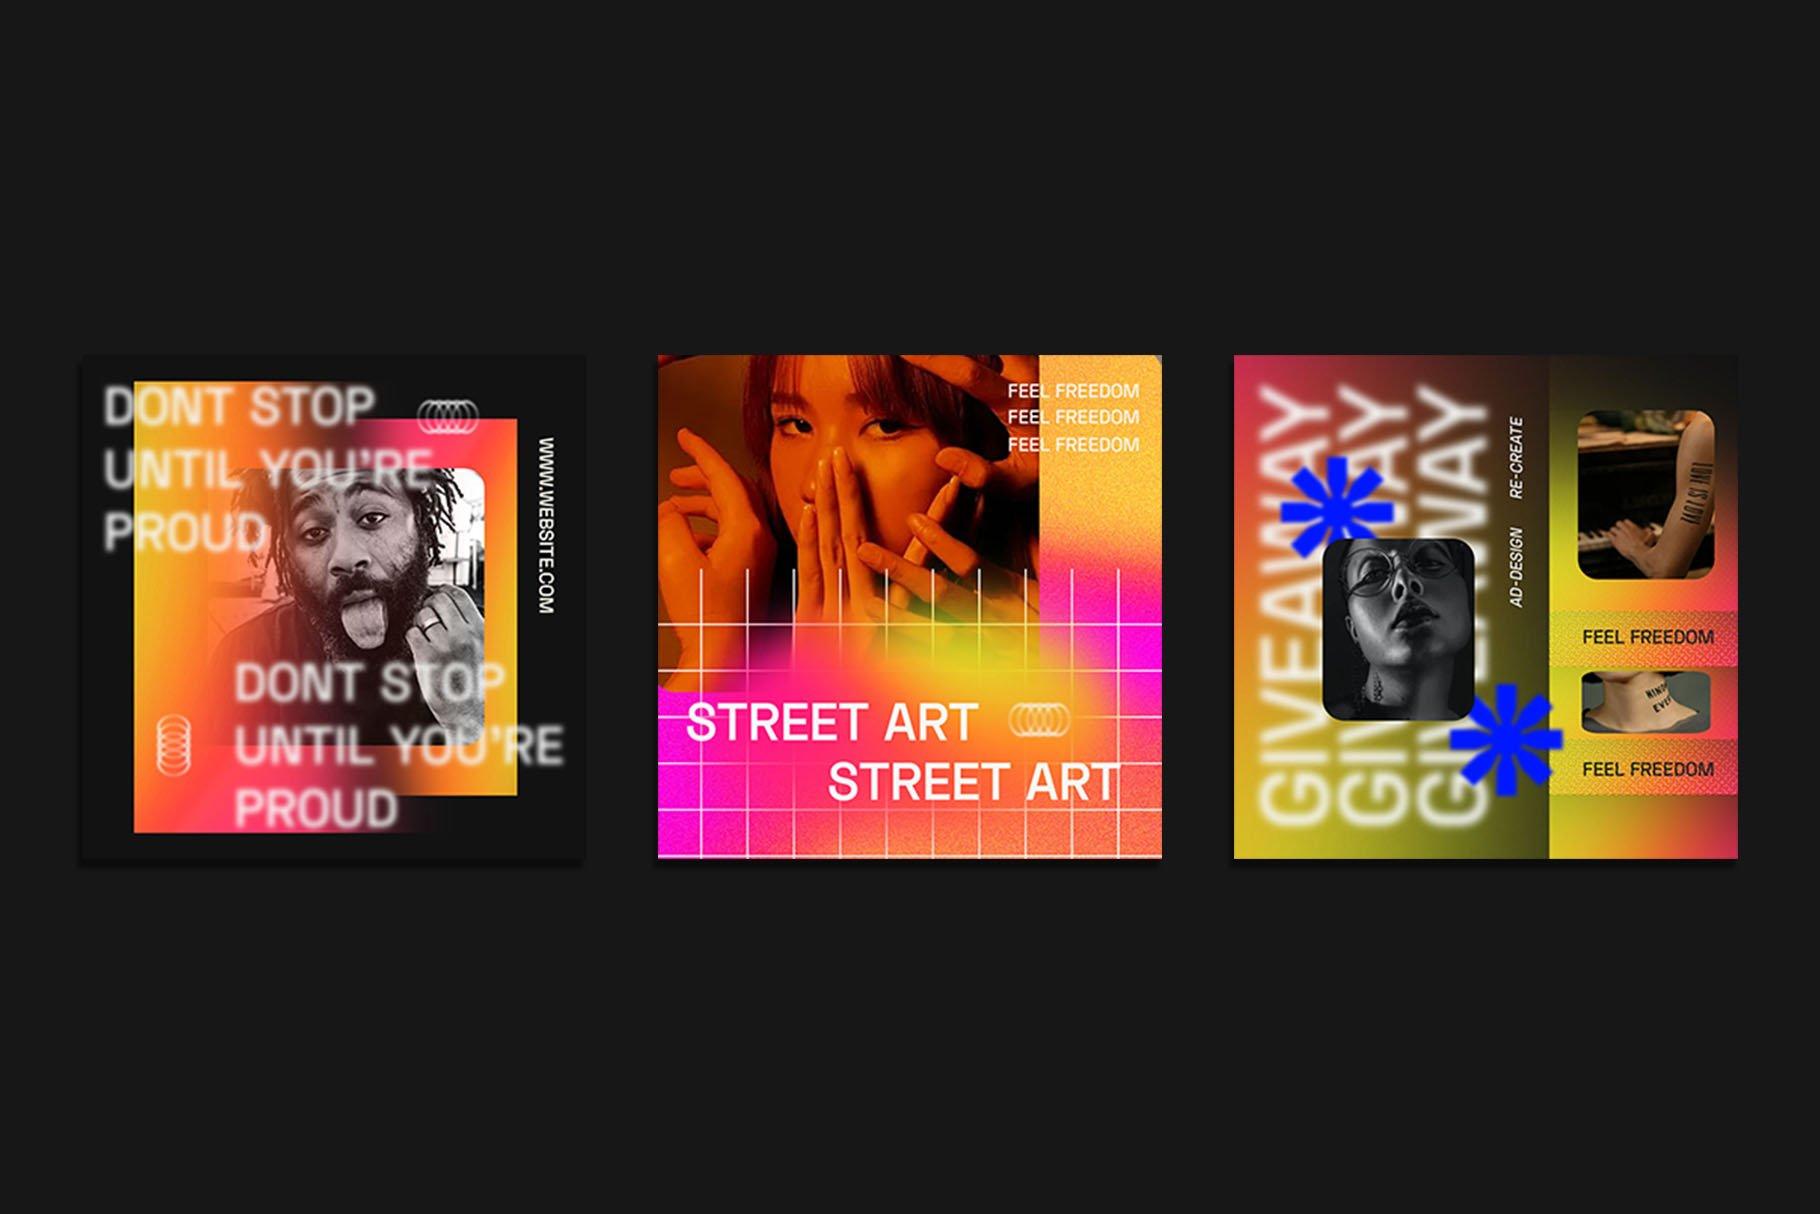 时尚潮流虹彩渐变品牌推广新媒体电商海报设计PSD模板素材 Gradiyent Instagram Templates插图8